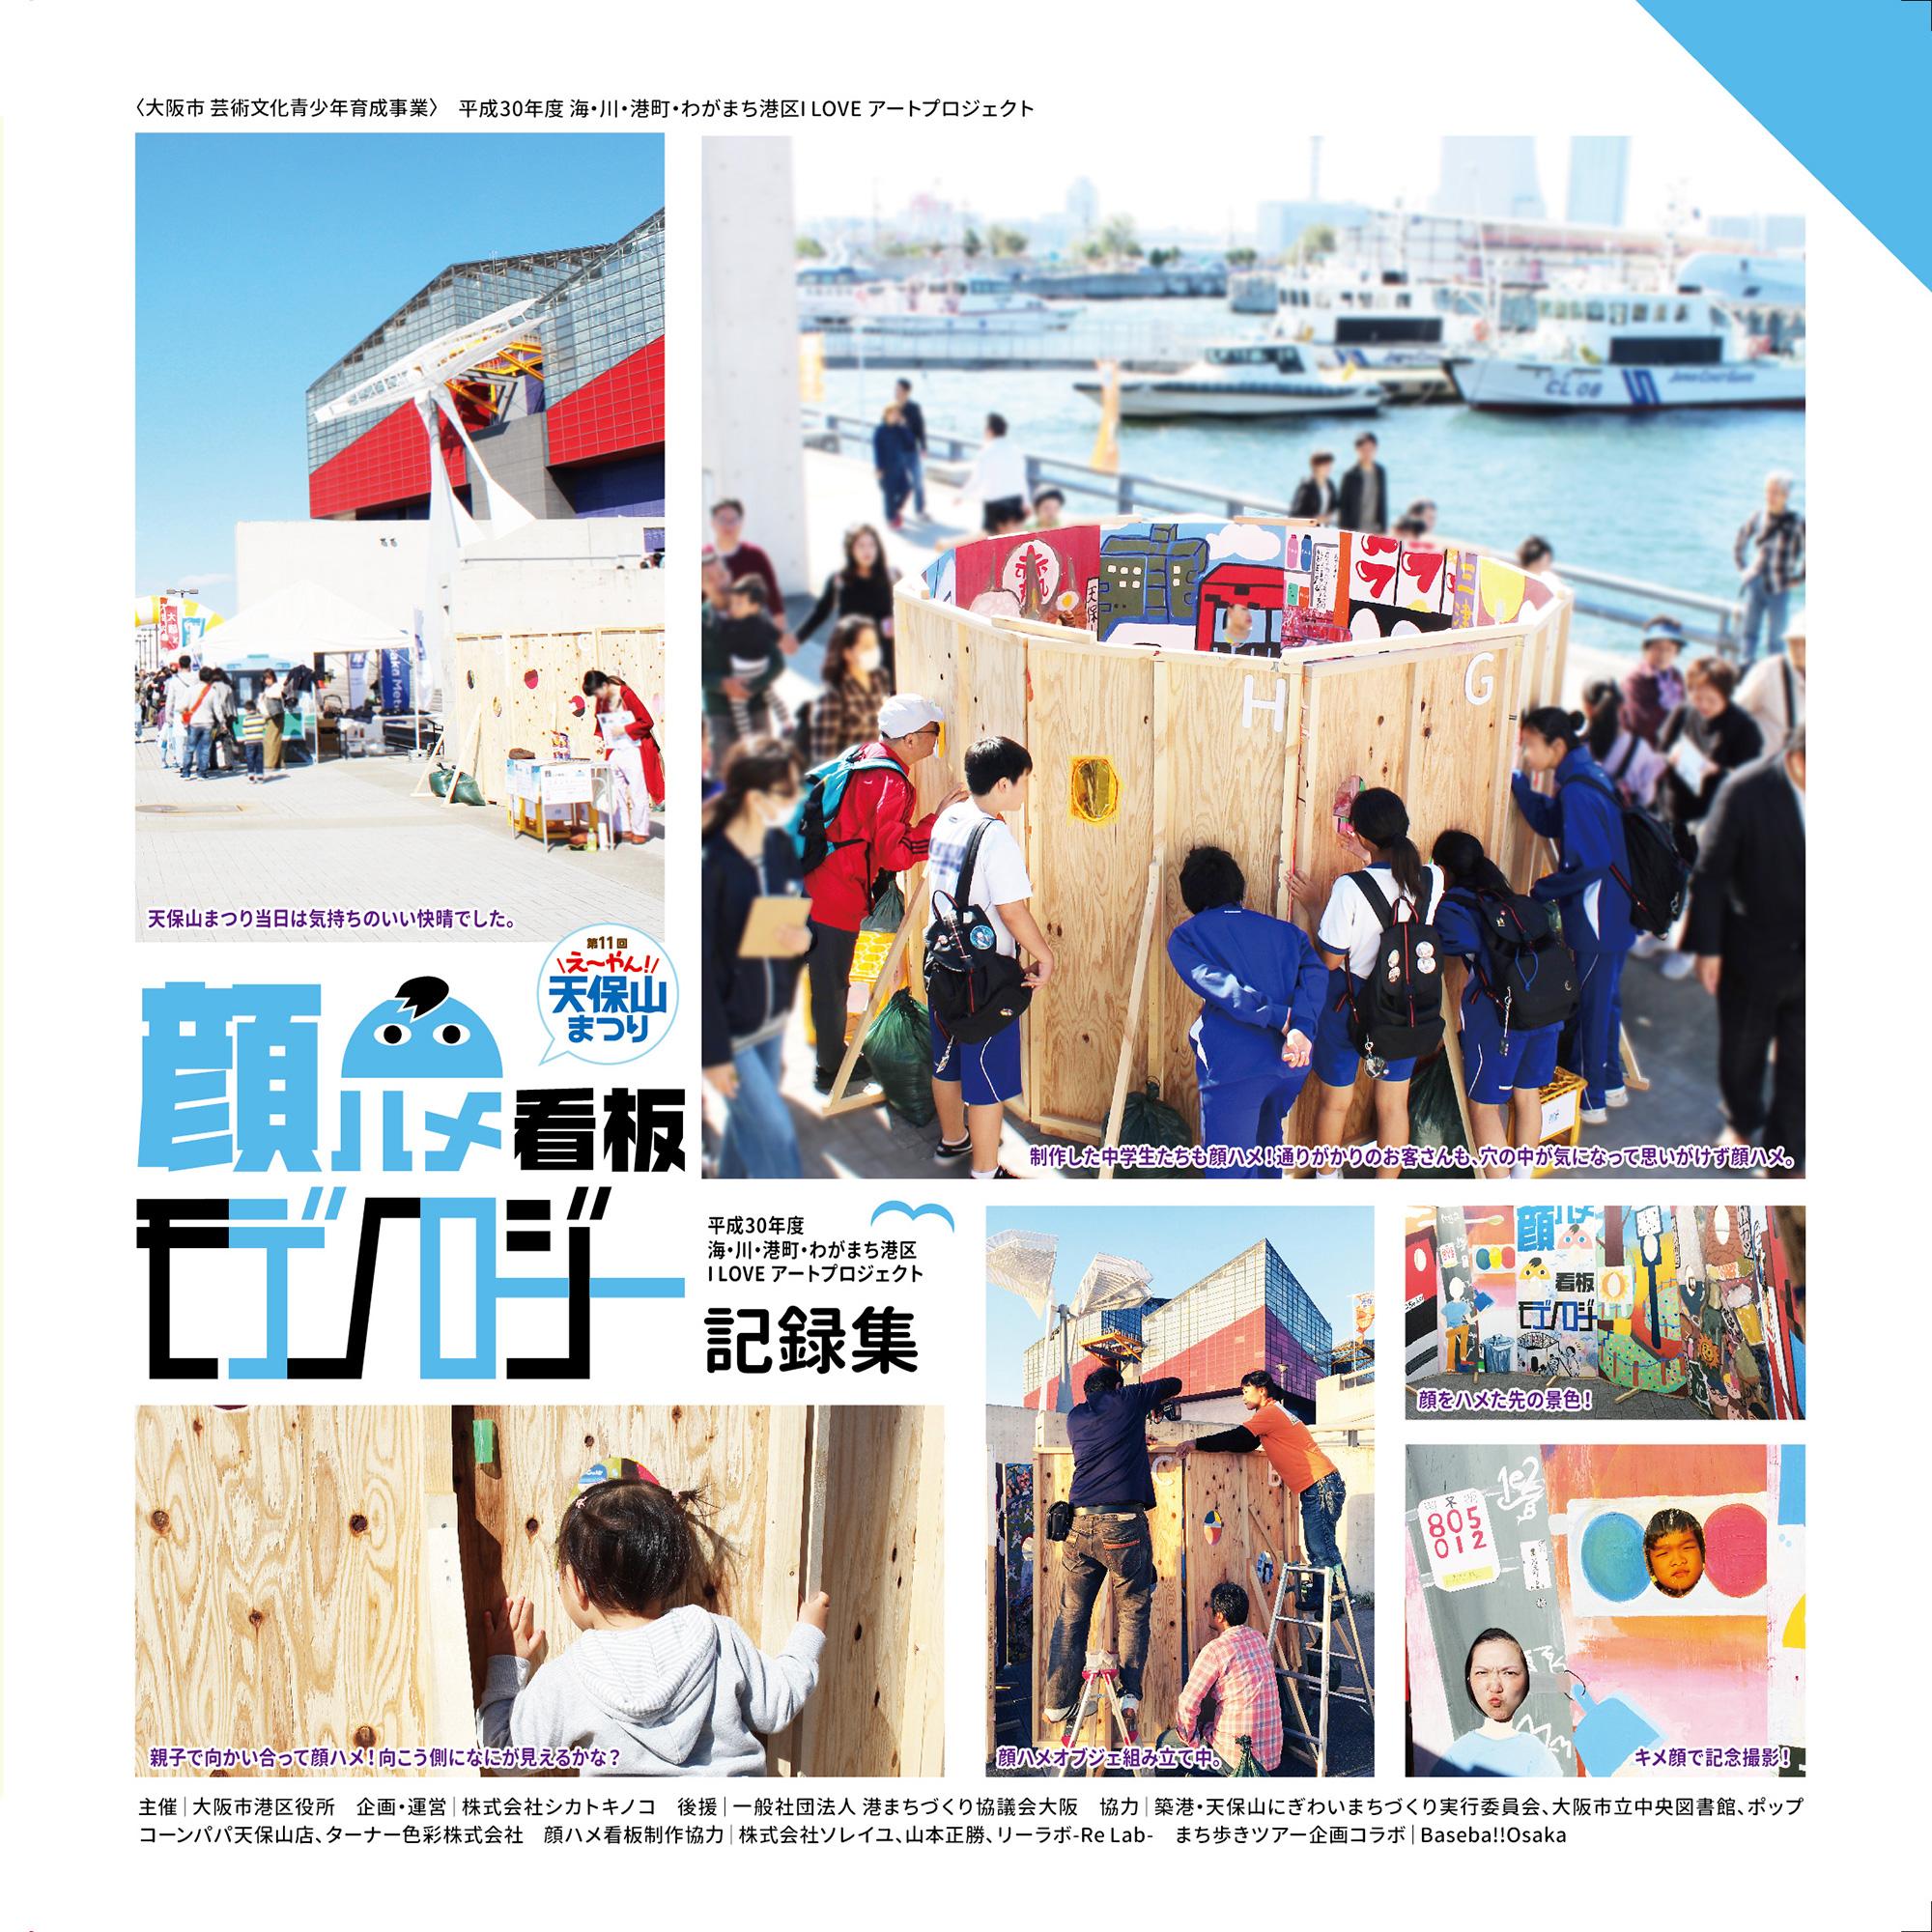 顔ハメ看板モデノロジー(平成30年度 大阪市港区)美術部